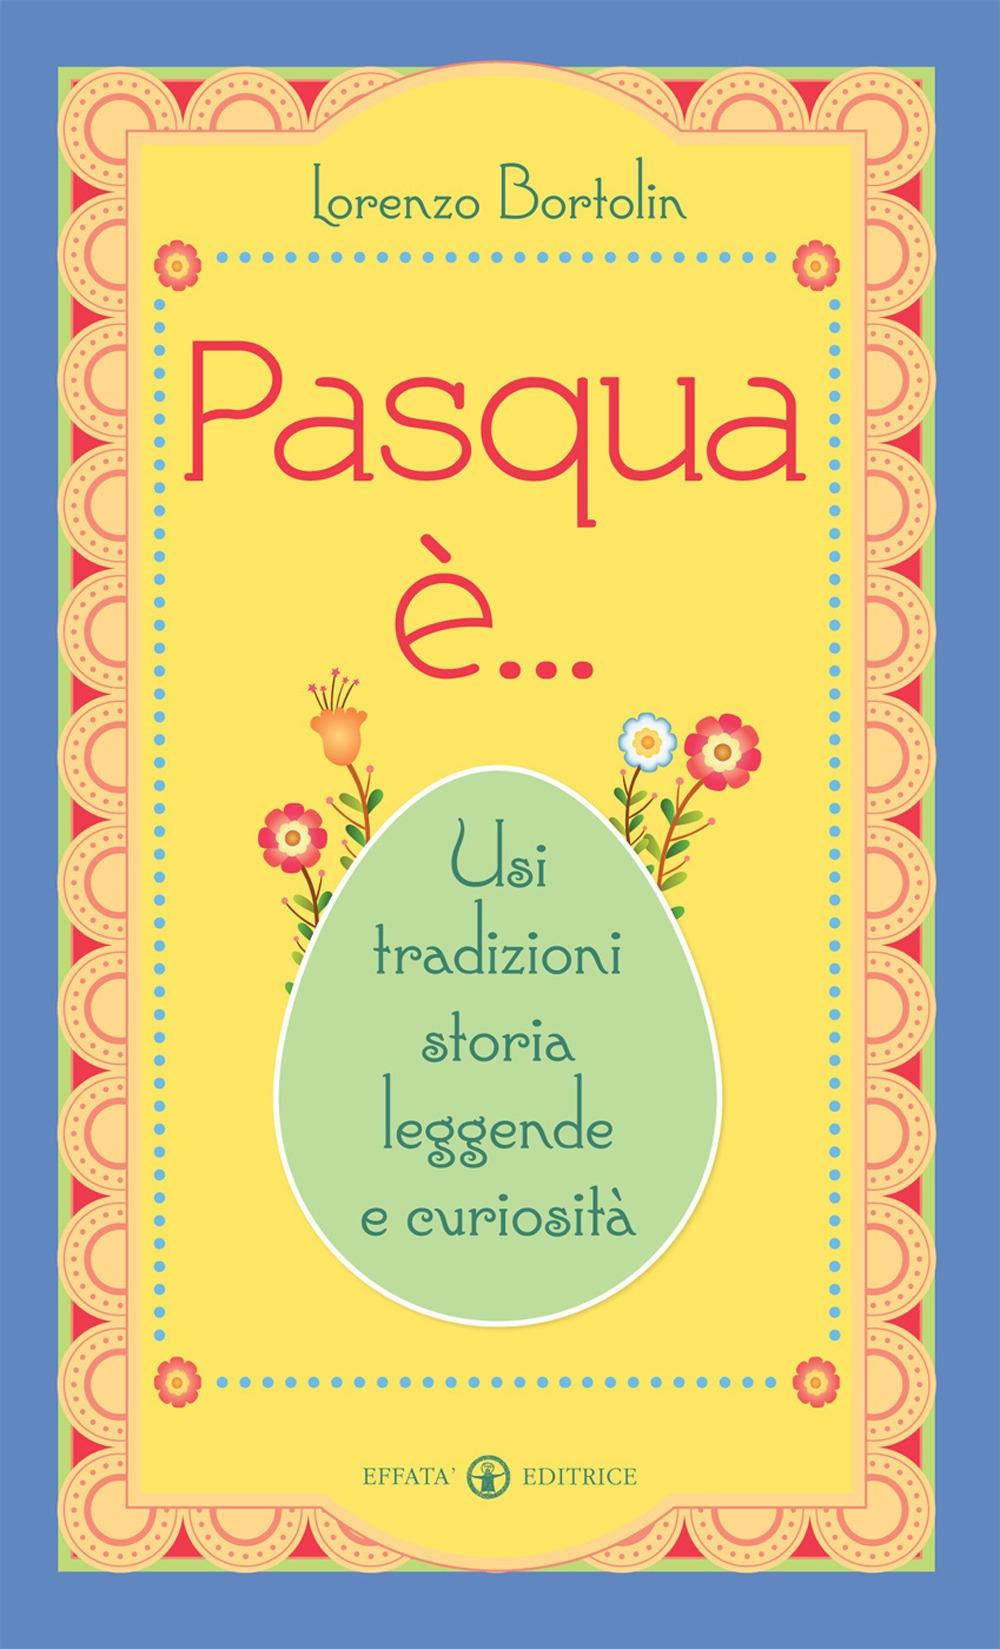 Pasqua è... Usi tradizioni storia leggende e curiosità